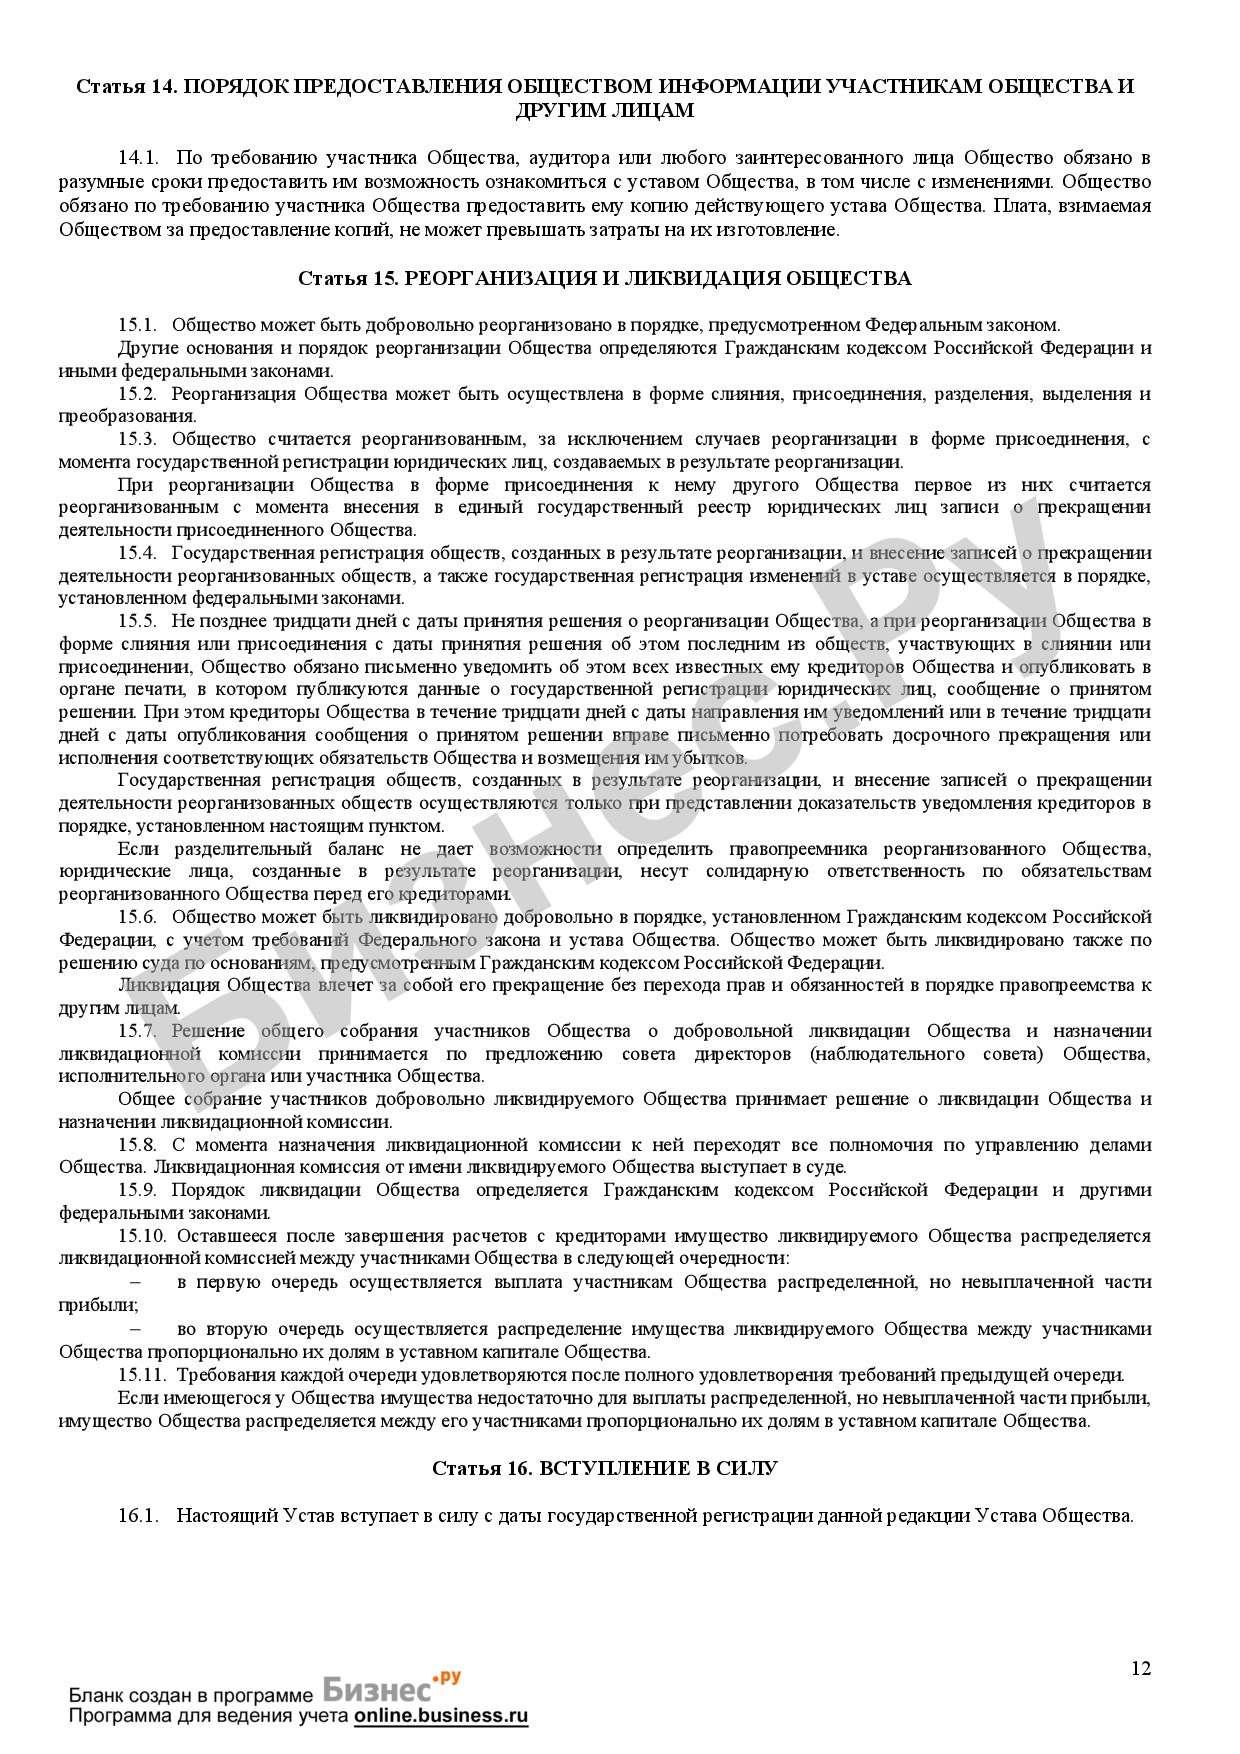 Устав для регистрации ооо 2019 ифнс электронная отчетность москва